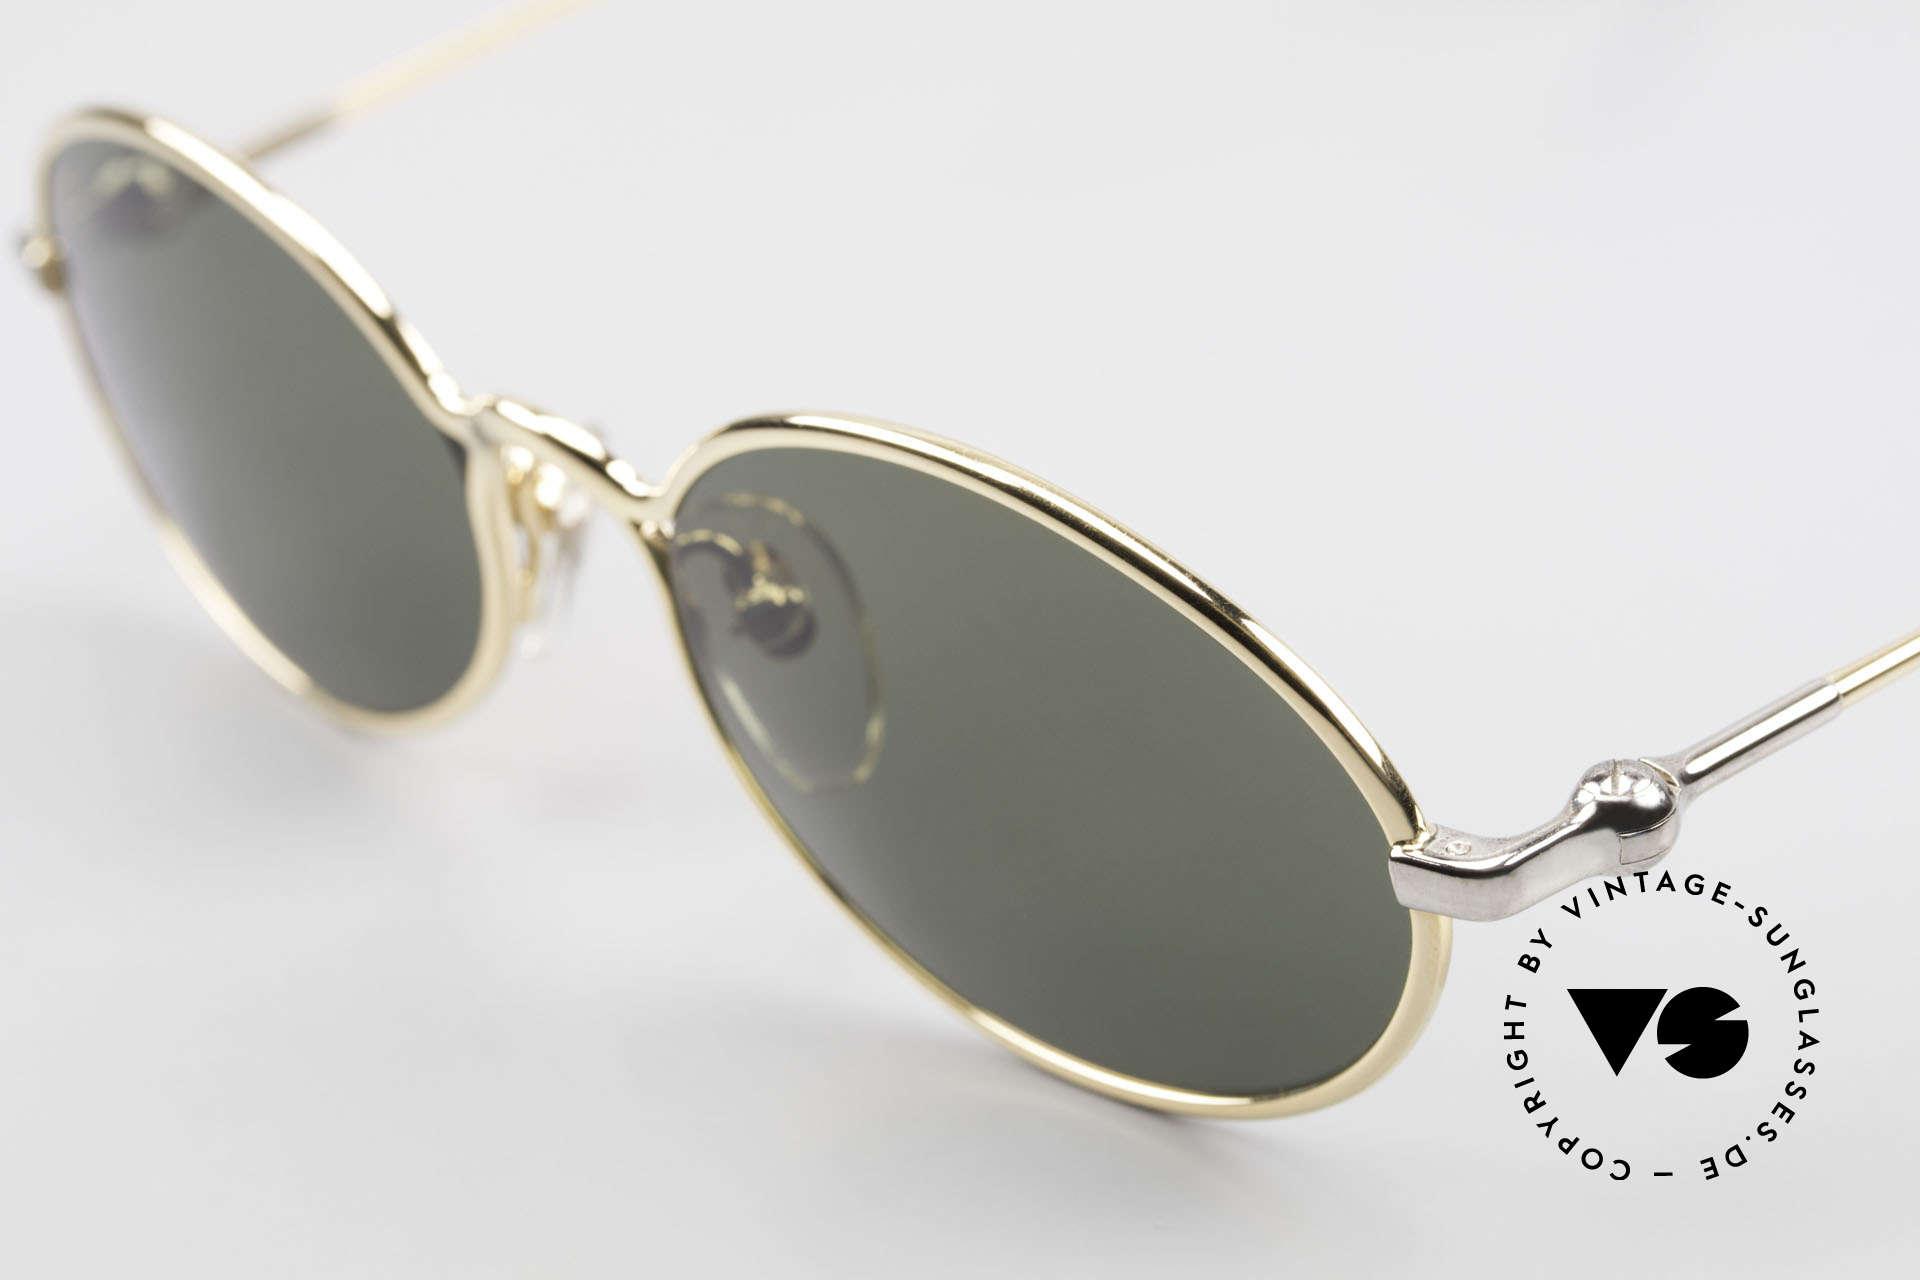 Aston Martin AM13 Oval Sunglasses James Bond, precious rarity (with serial no.) + orig. Aston Martin case, Made for Men